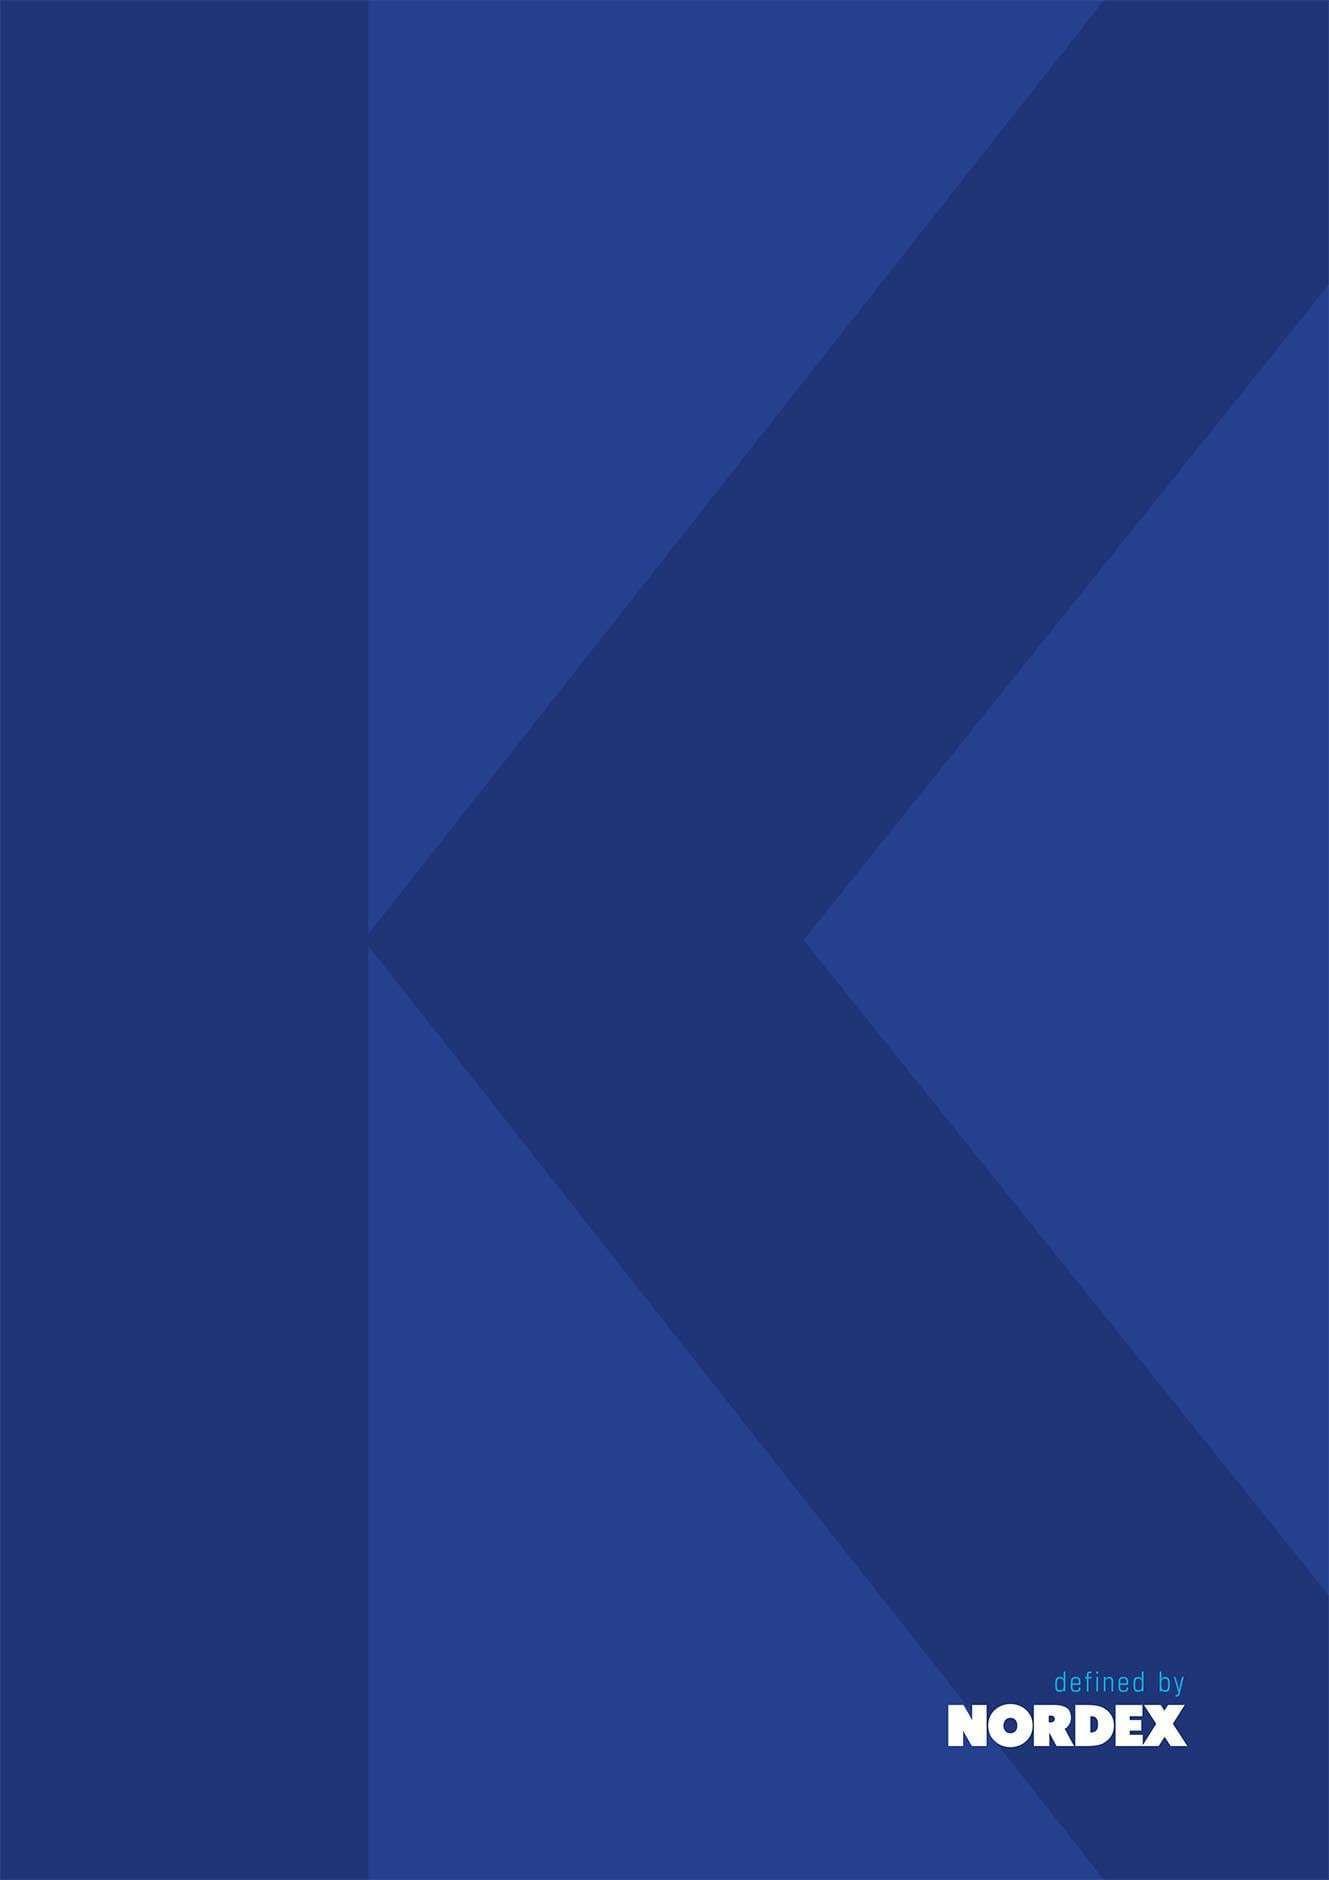 NORDEX_Clip K folder